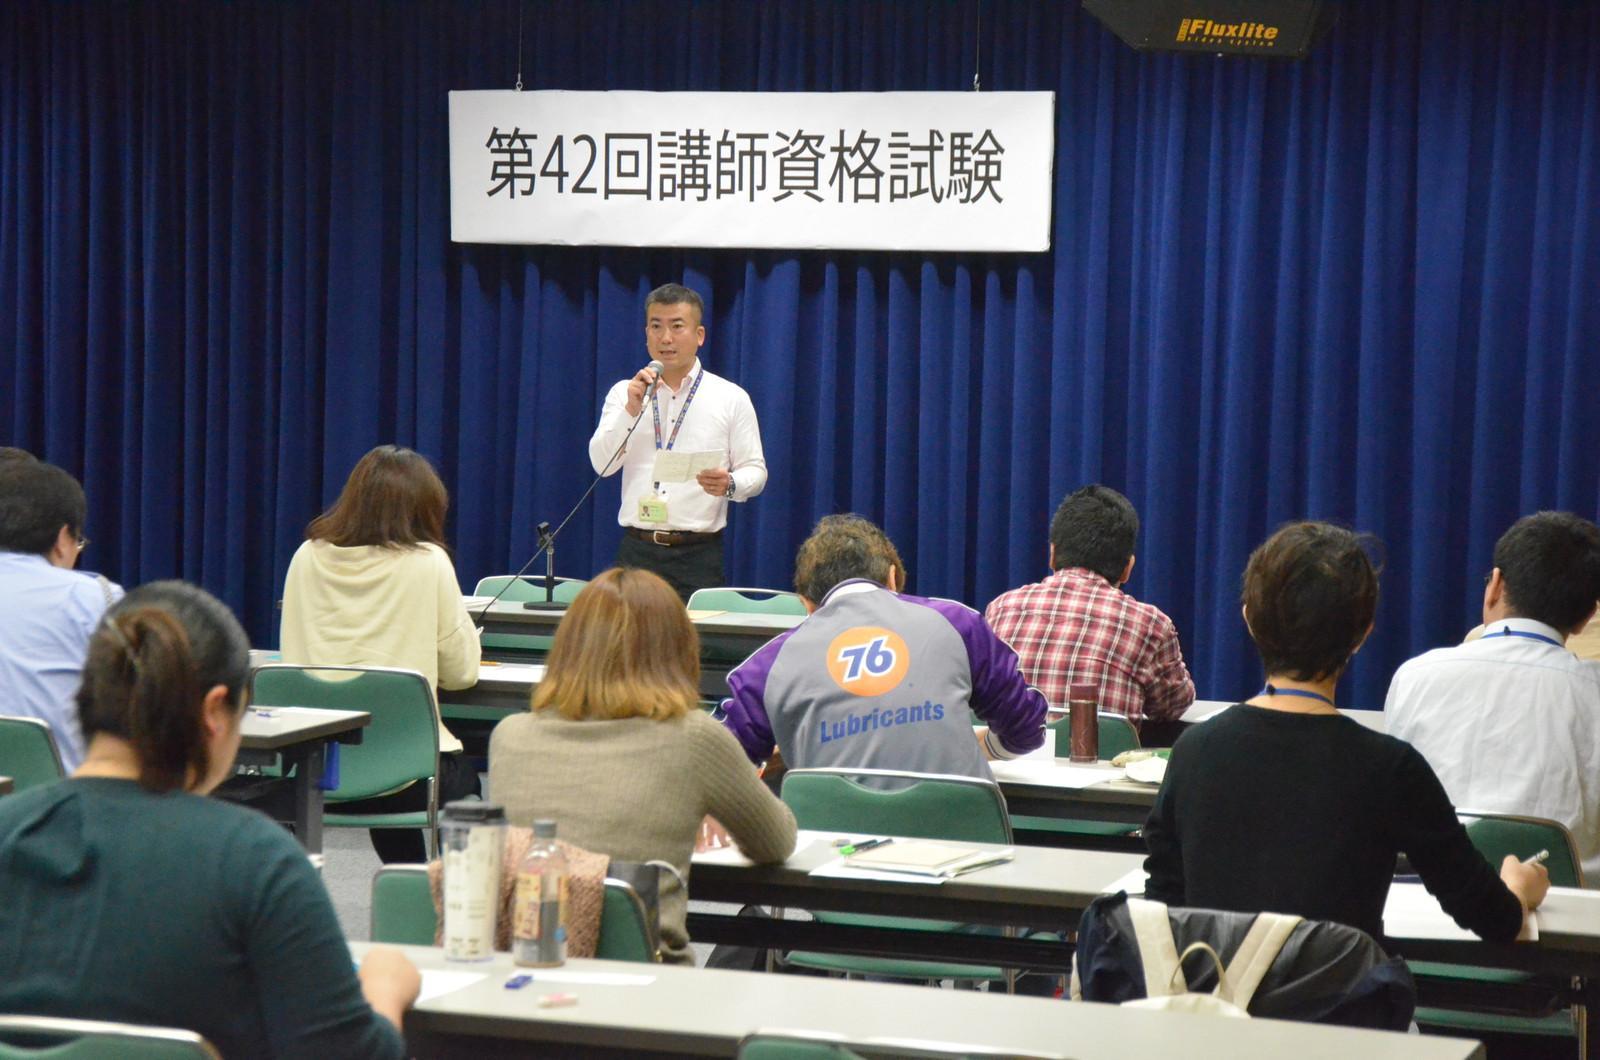 第42回各級講師資格試験